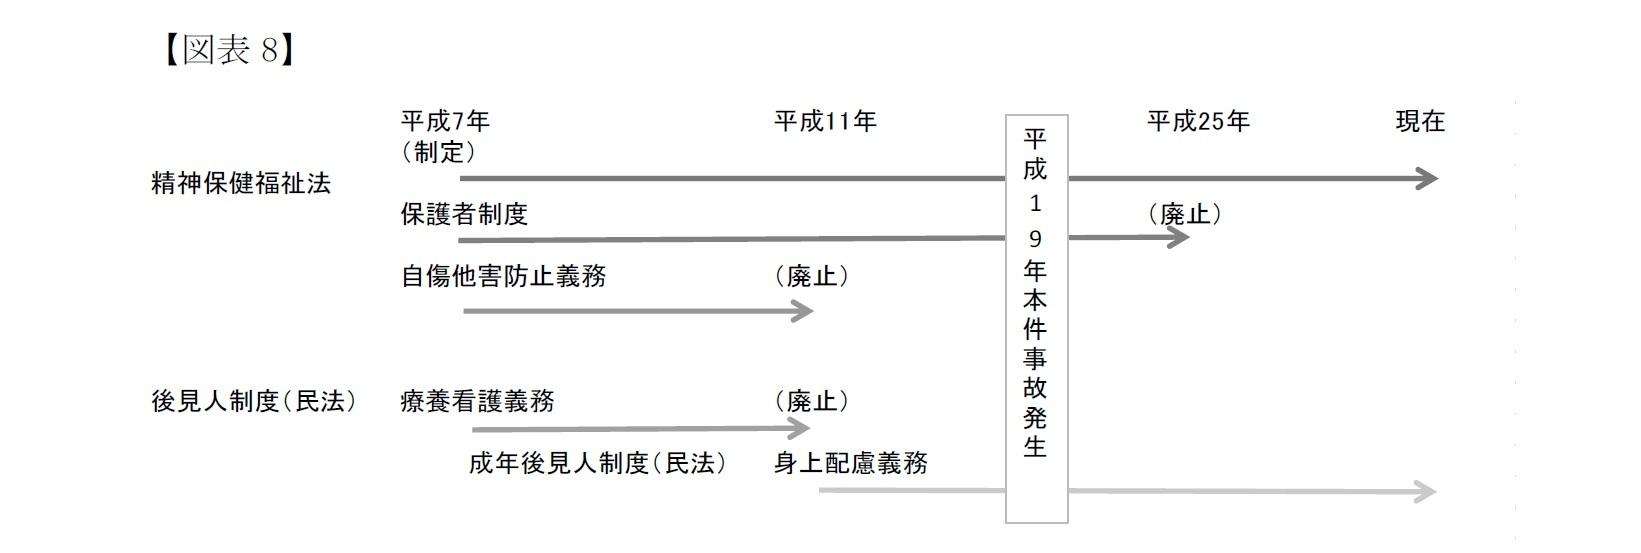 【図表8】保護者制度・後見人制度と法定の監督義務者